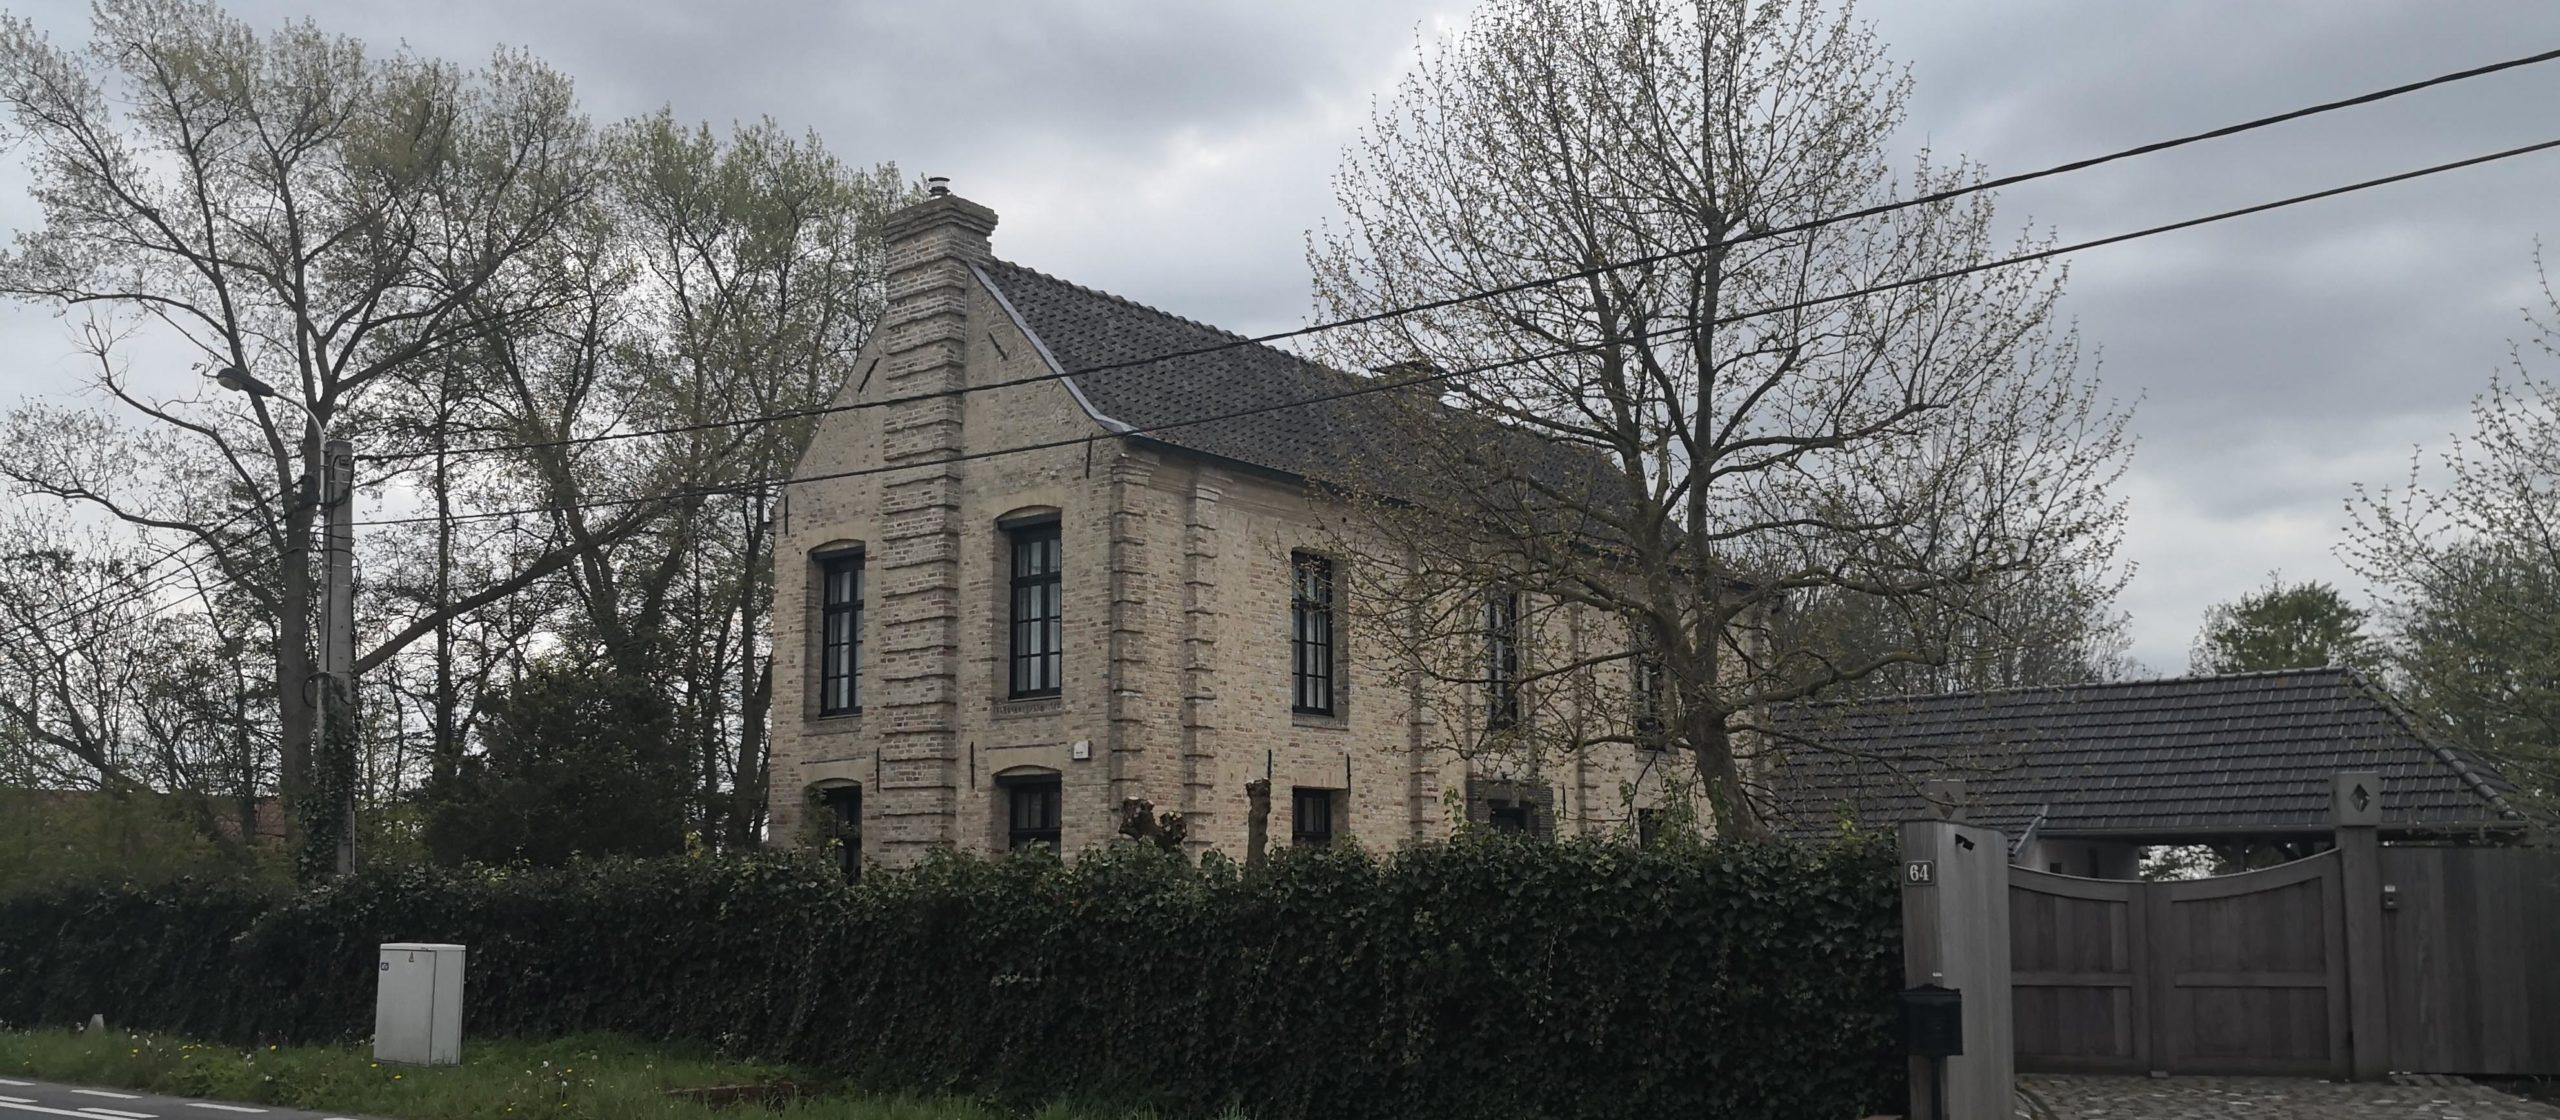 Hogstade maison du dixhuitième